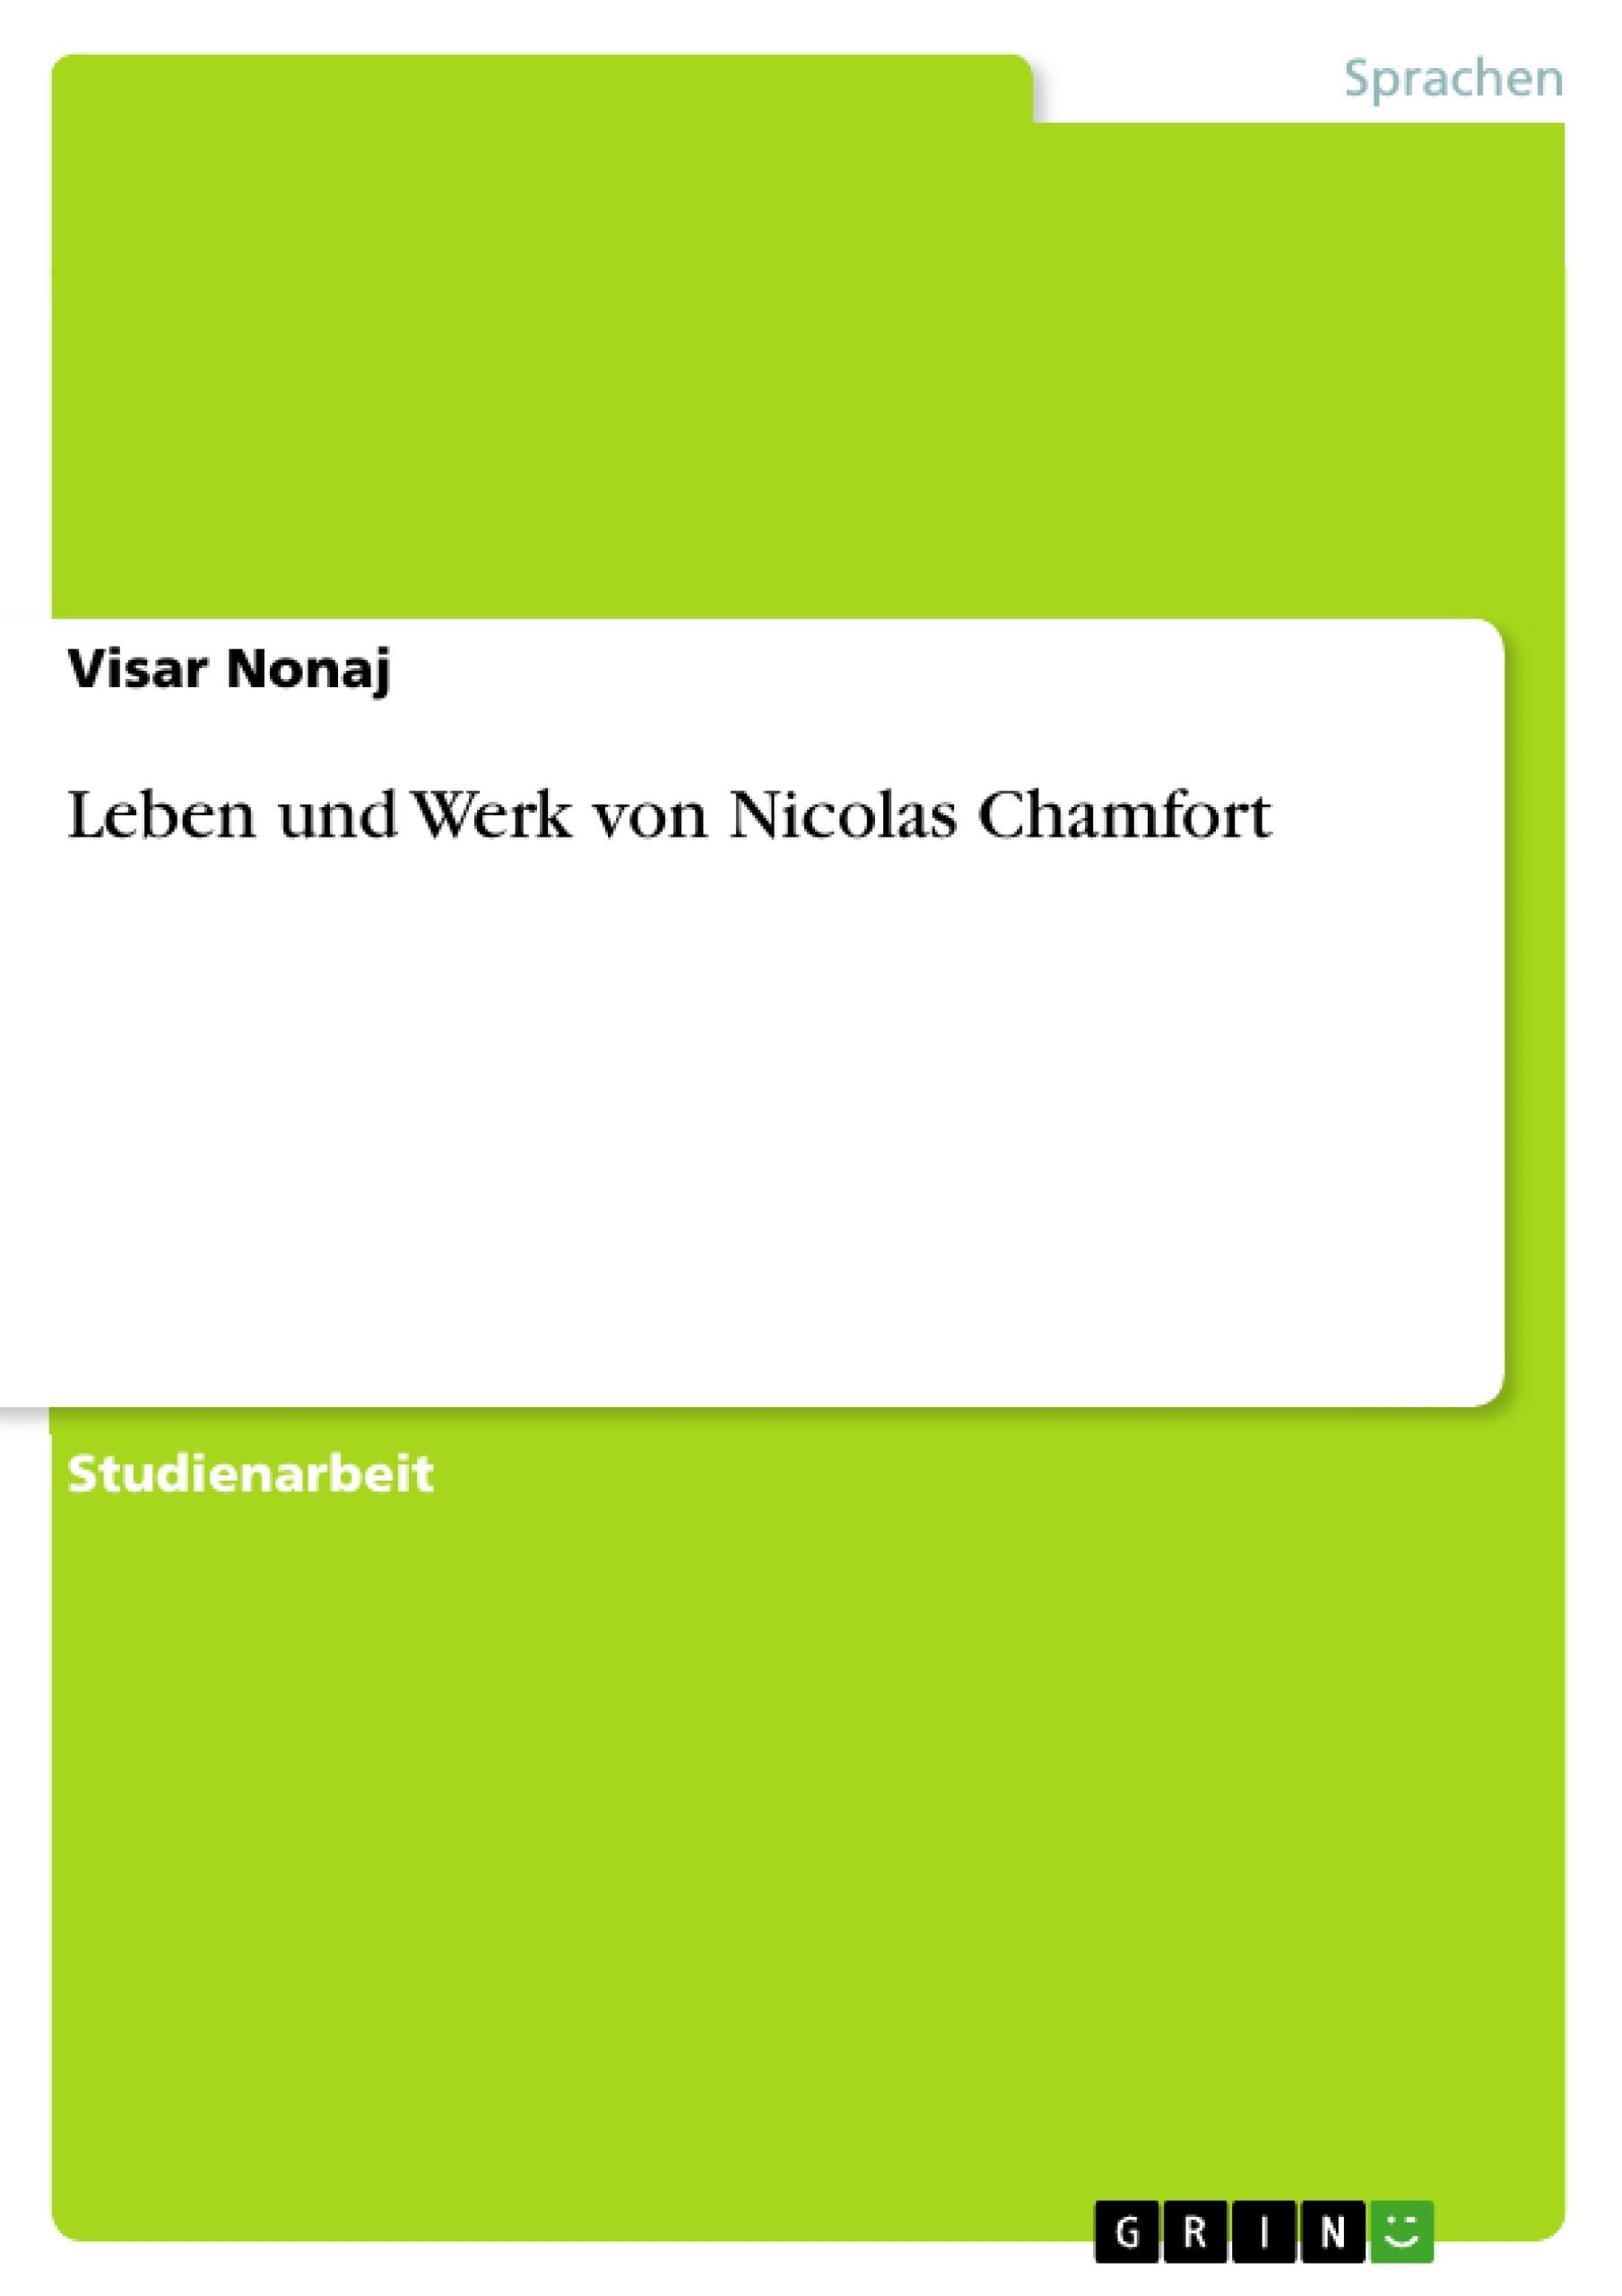 Titel: Leben und Werk von Nicolas Chamfort